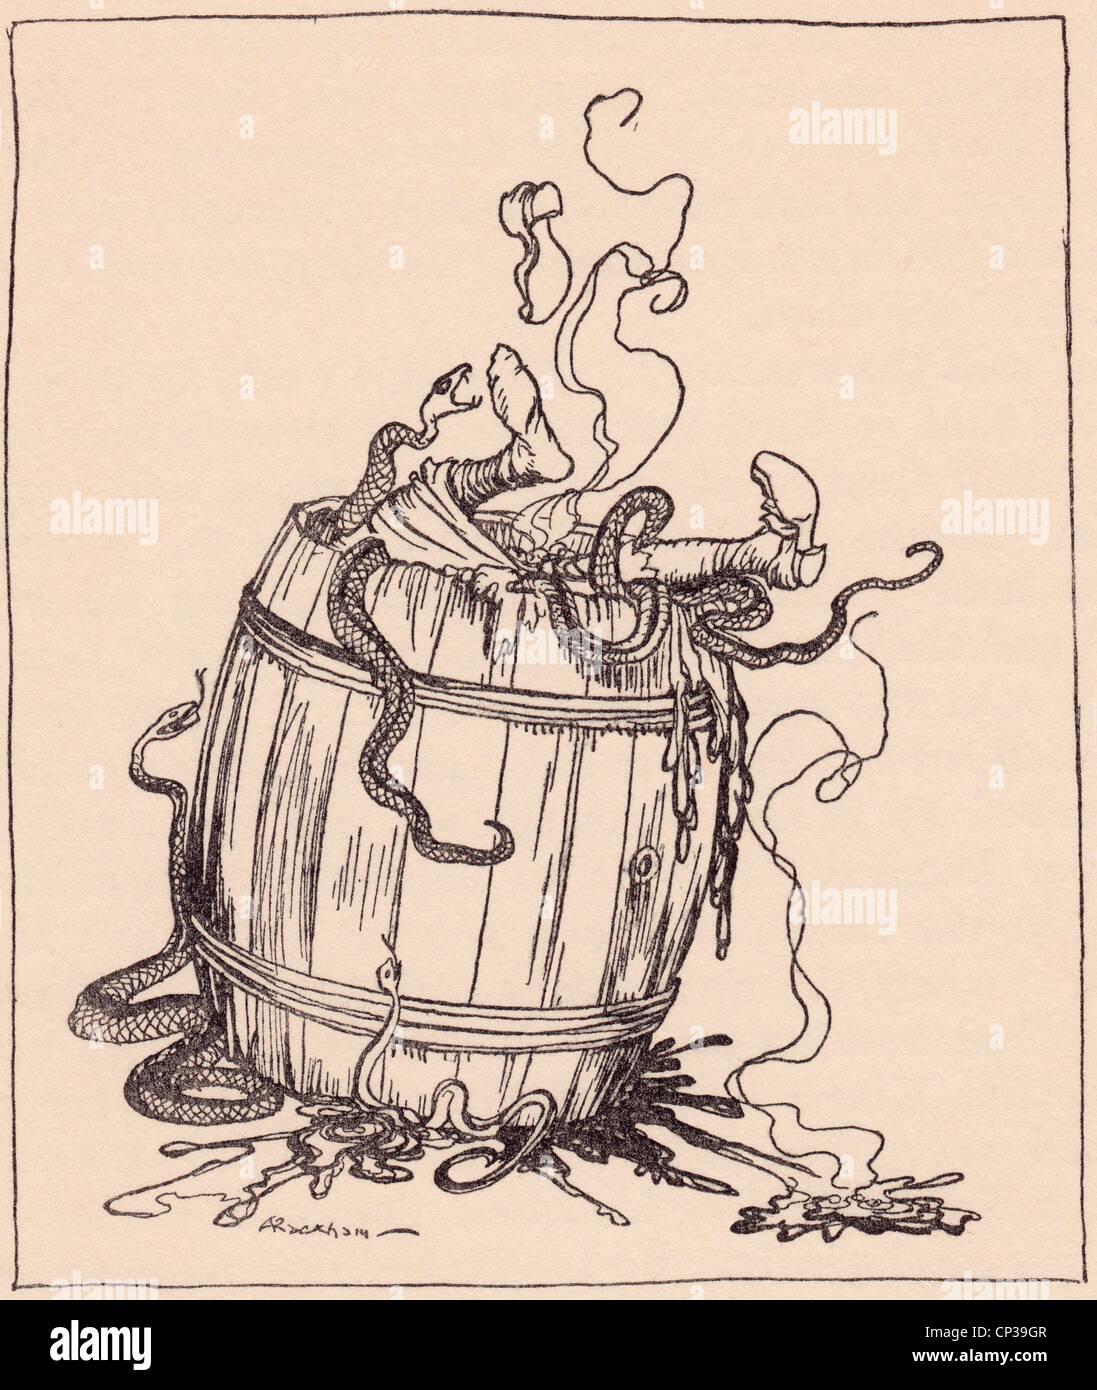 La méchante belle-mère avait mis dans un tonneau plein d'huile bouillante et les serpents venimeux. Photo Stock